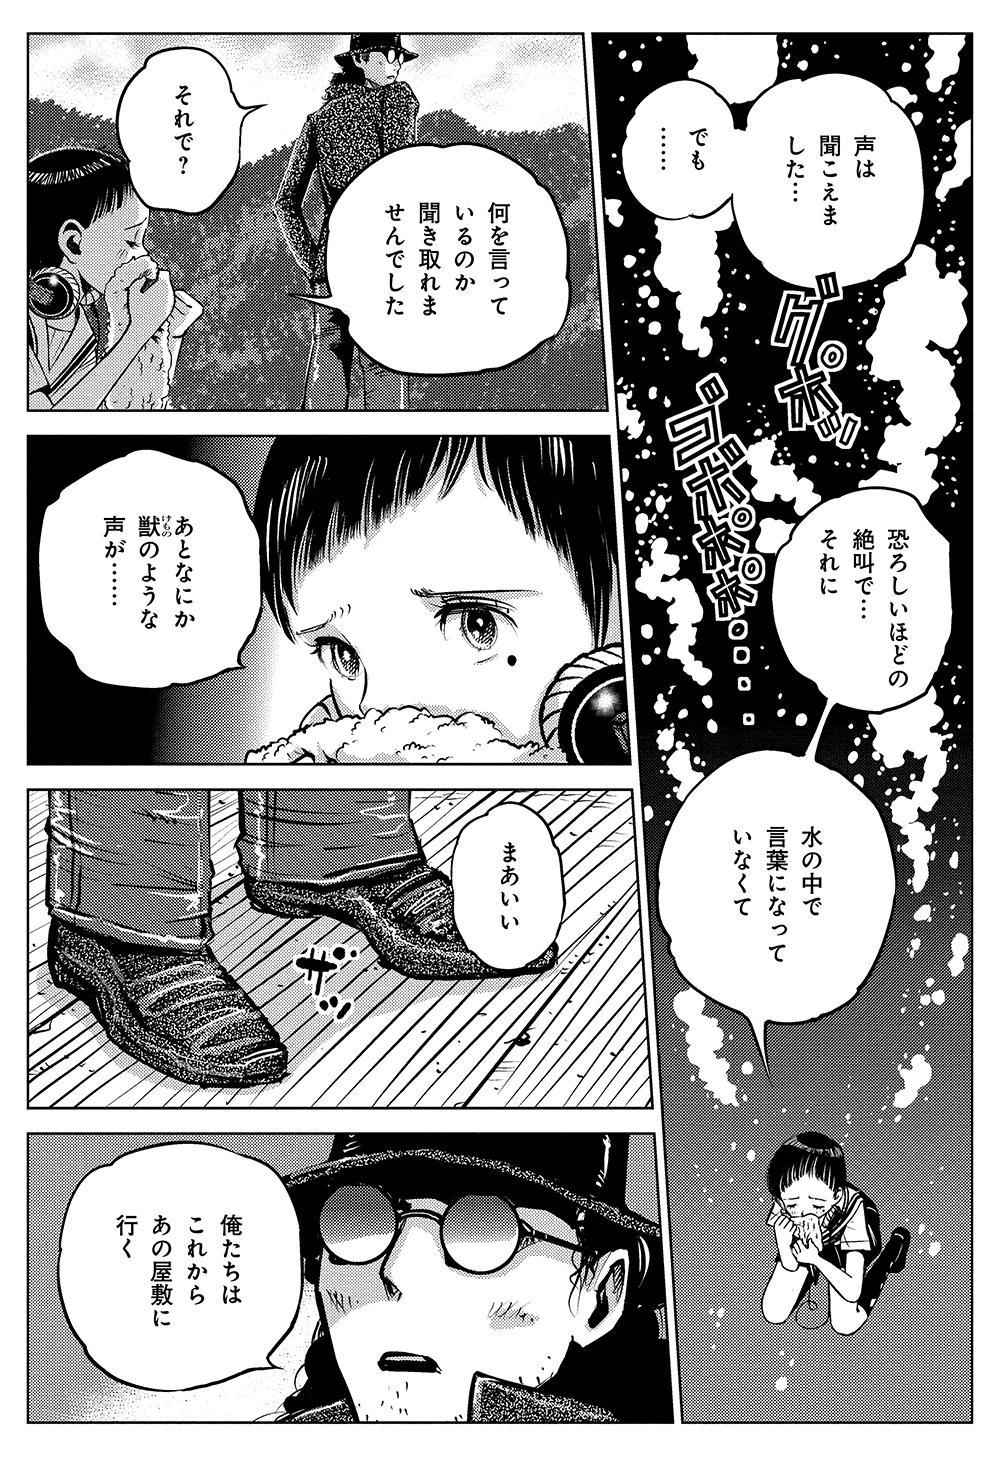 ことなかれ 第3話「革仔玉」①kotonakare01-12.jpg